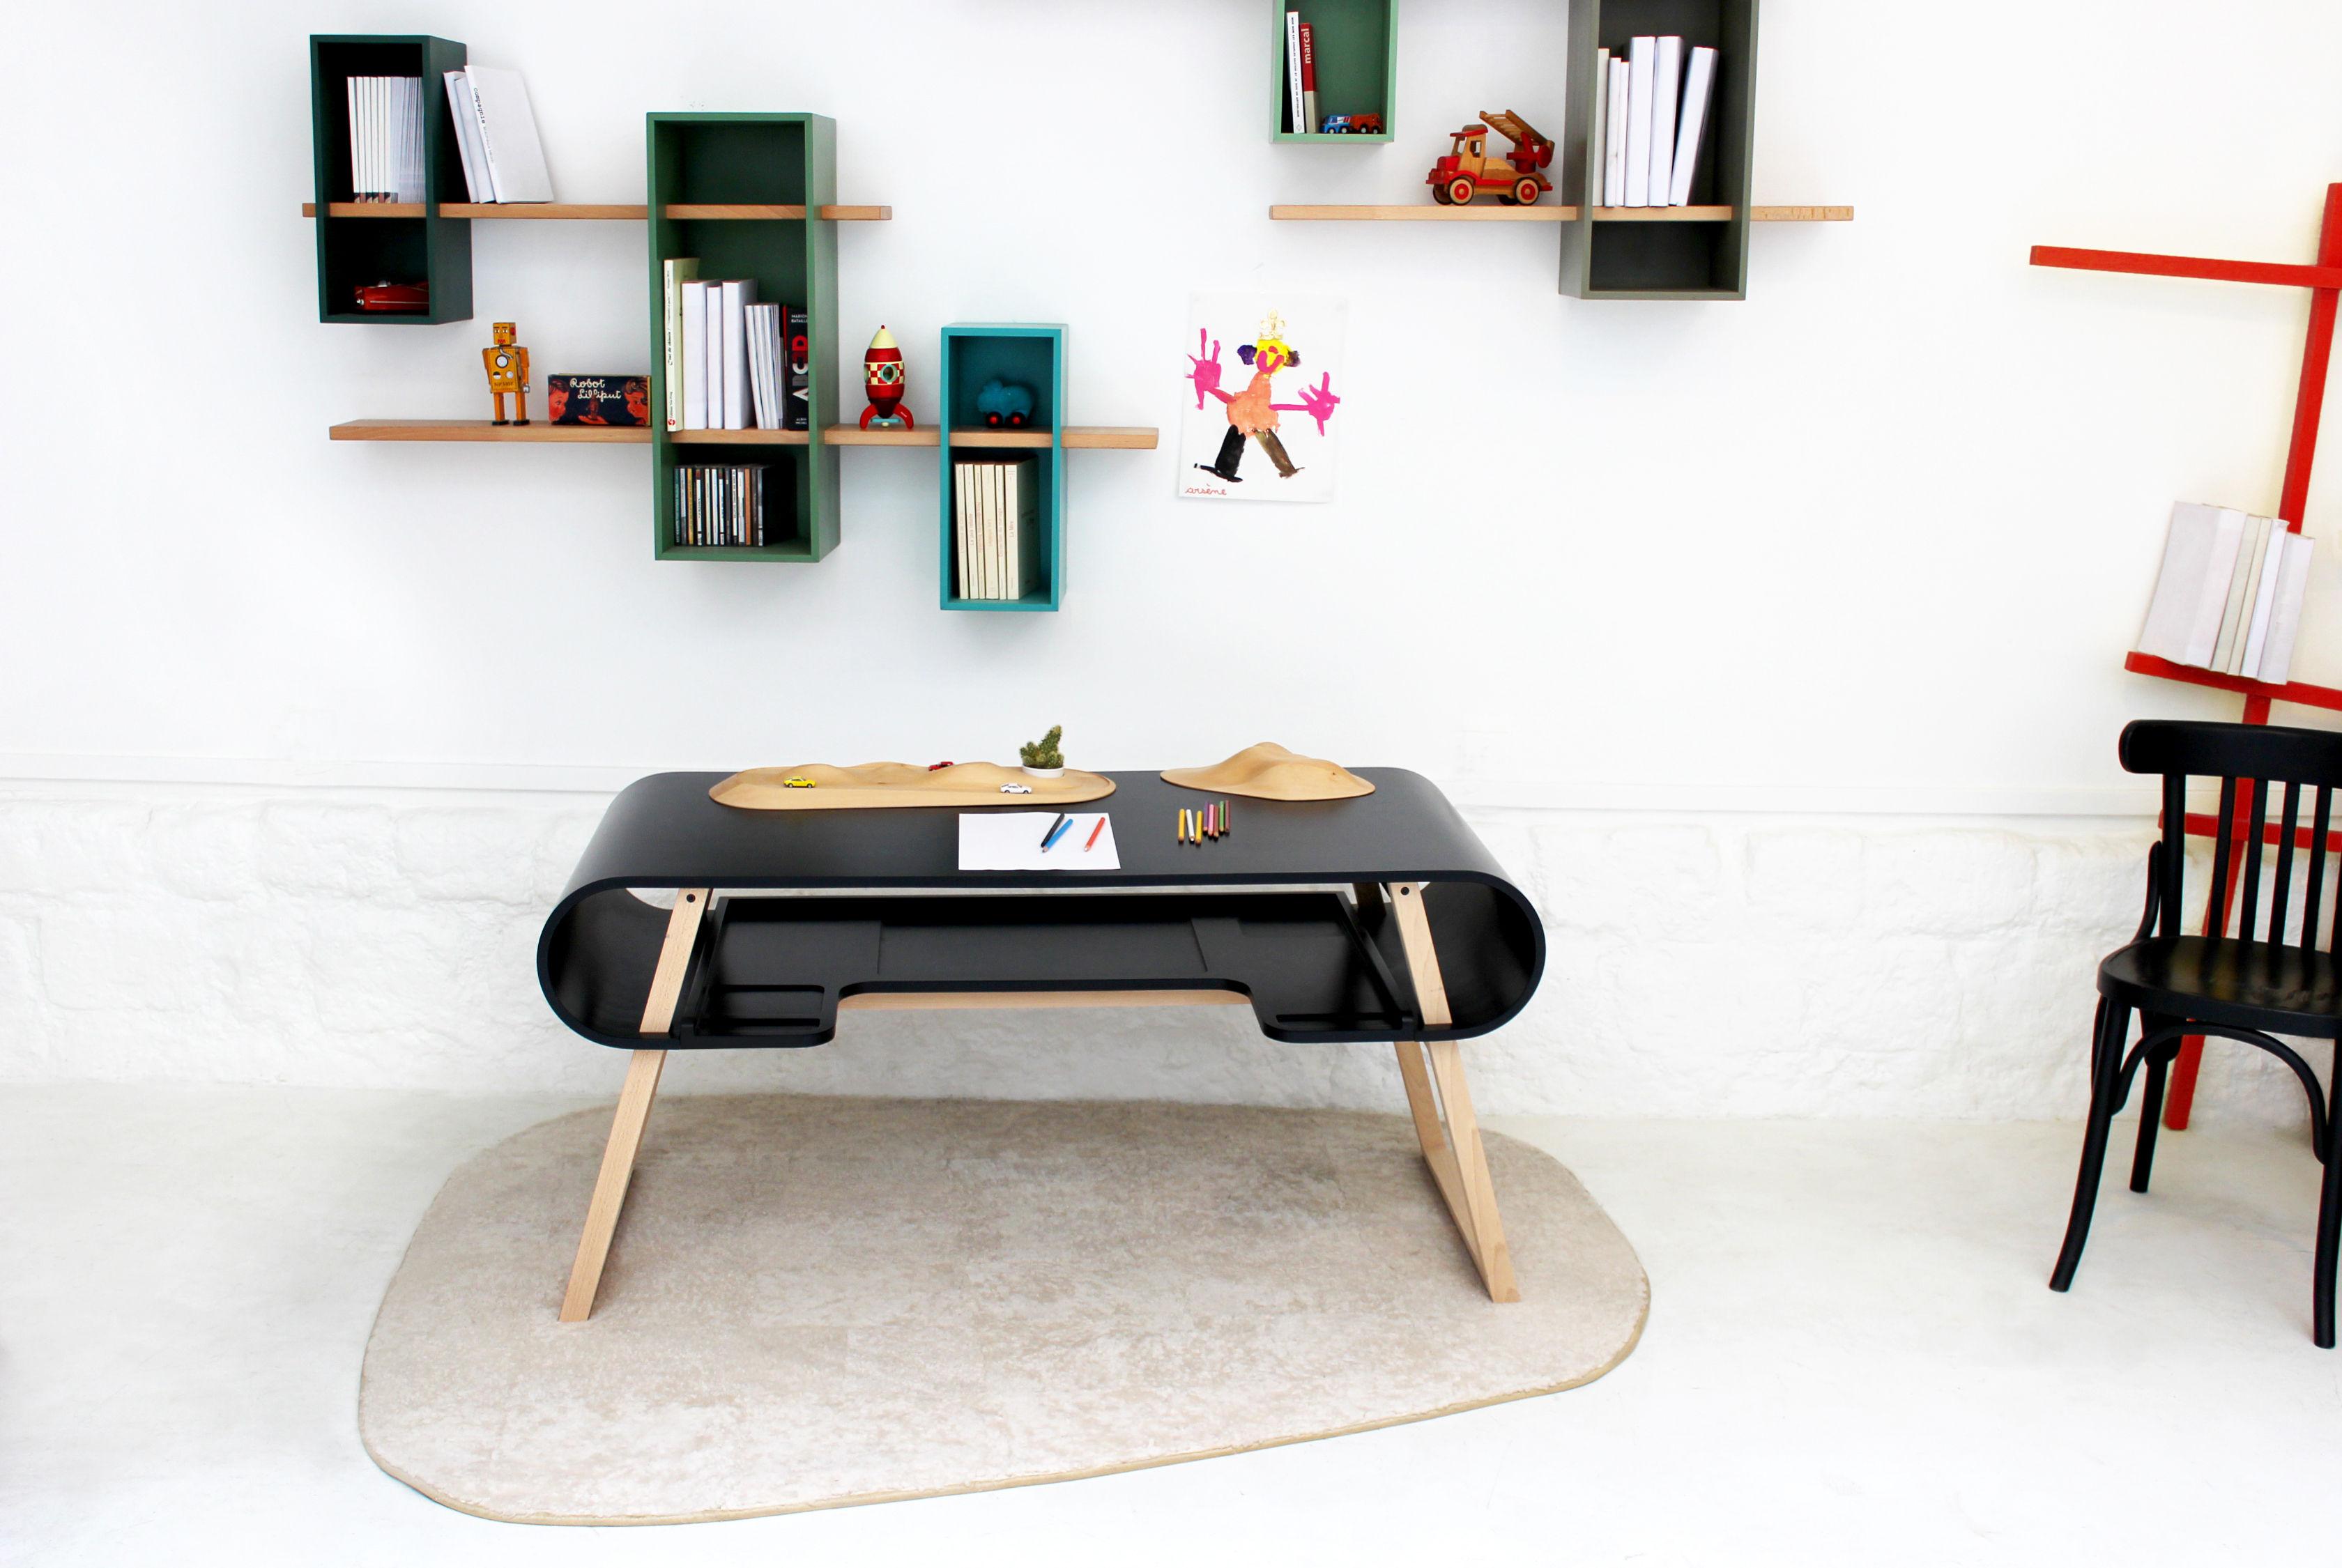 accessoire pour bureau rubens set circuit de voitures. Black Bedroom Furniture Sets. Home Design Ideas